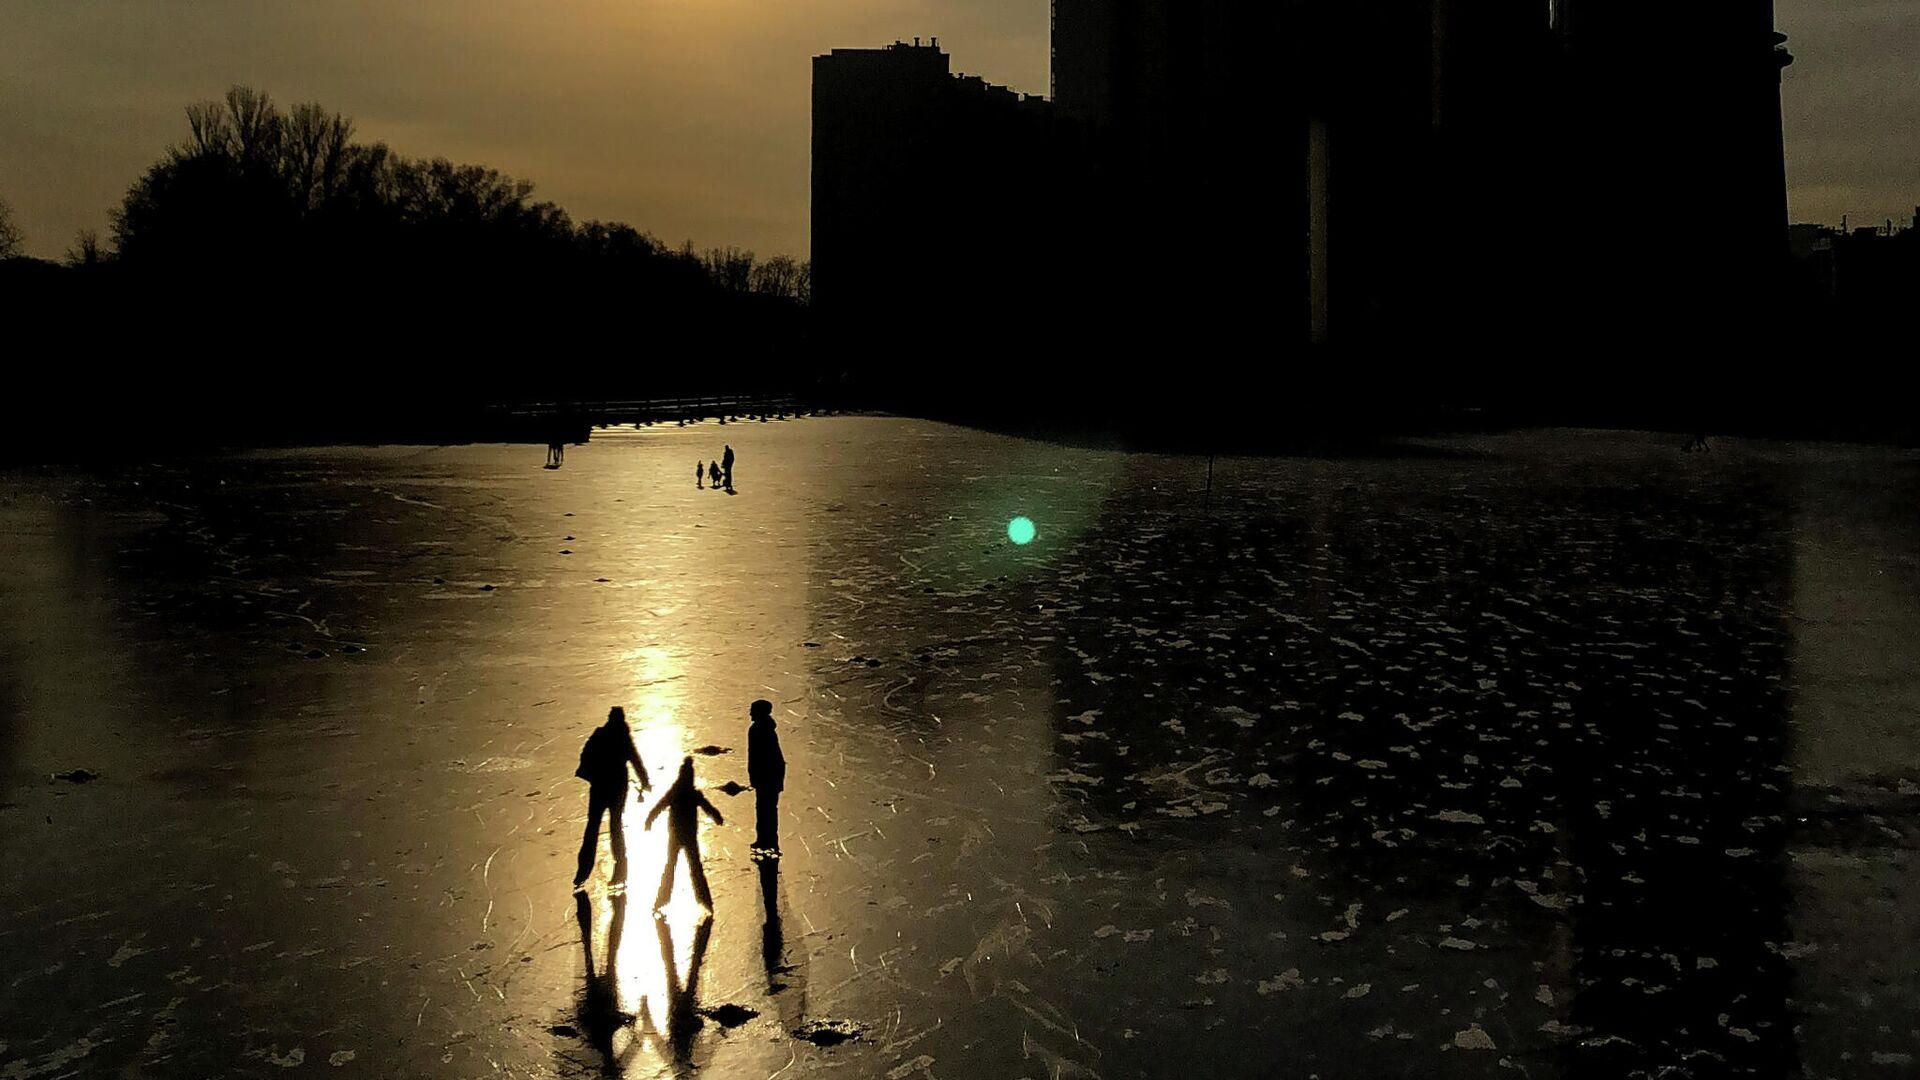 Люди катаются на коньках по замерзшему каналу имени Москвы в Химках - РИА Новости, 1920, 20.01.2021